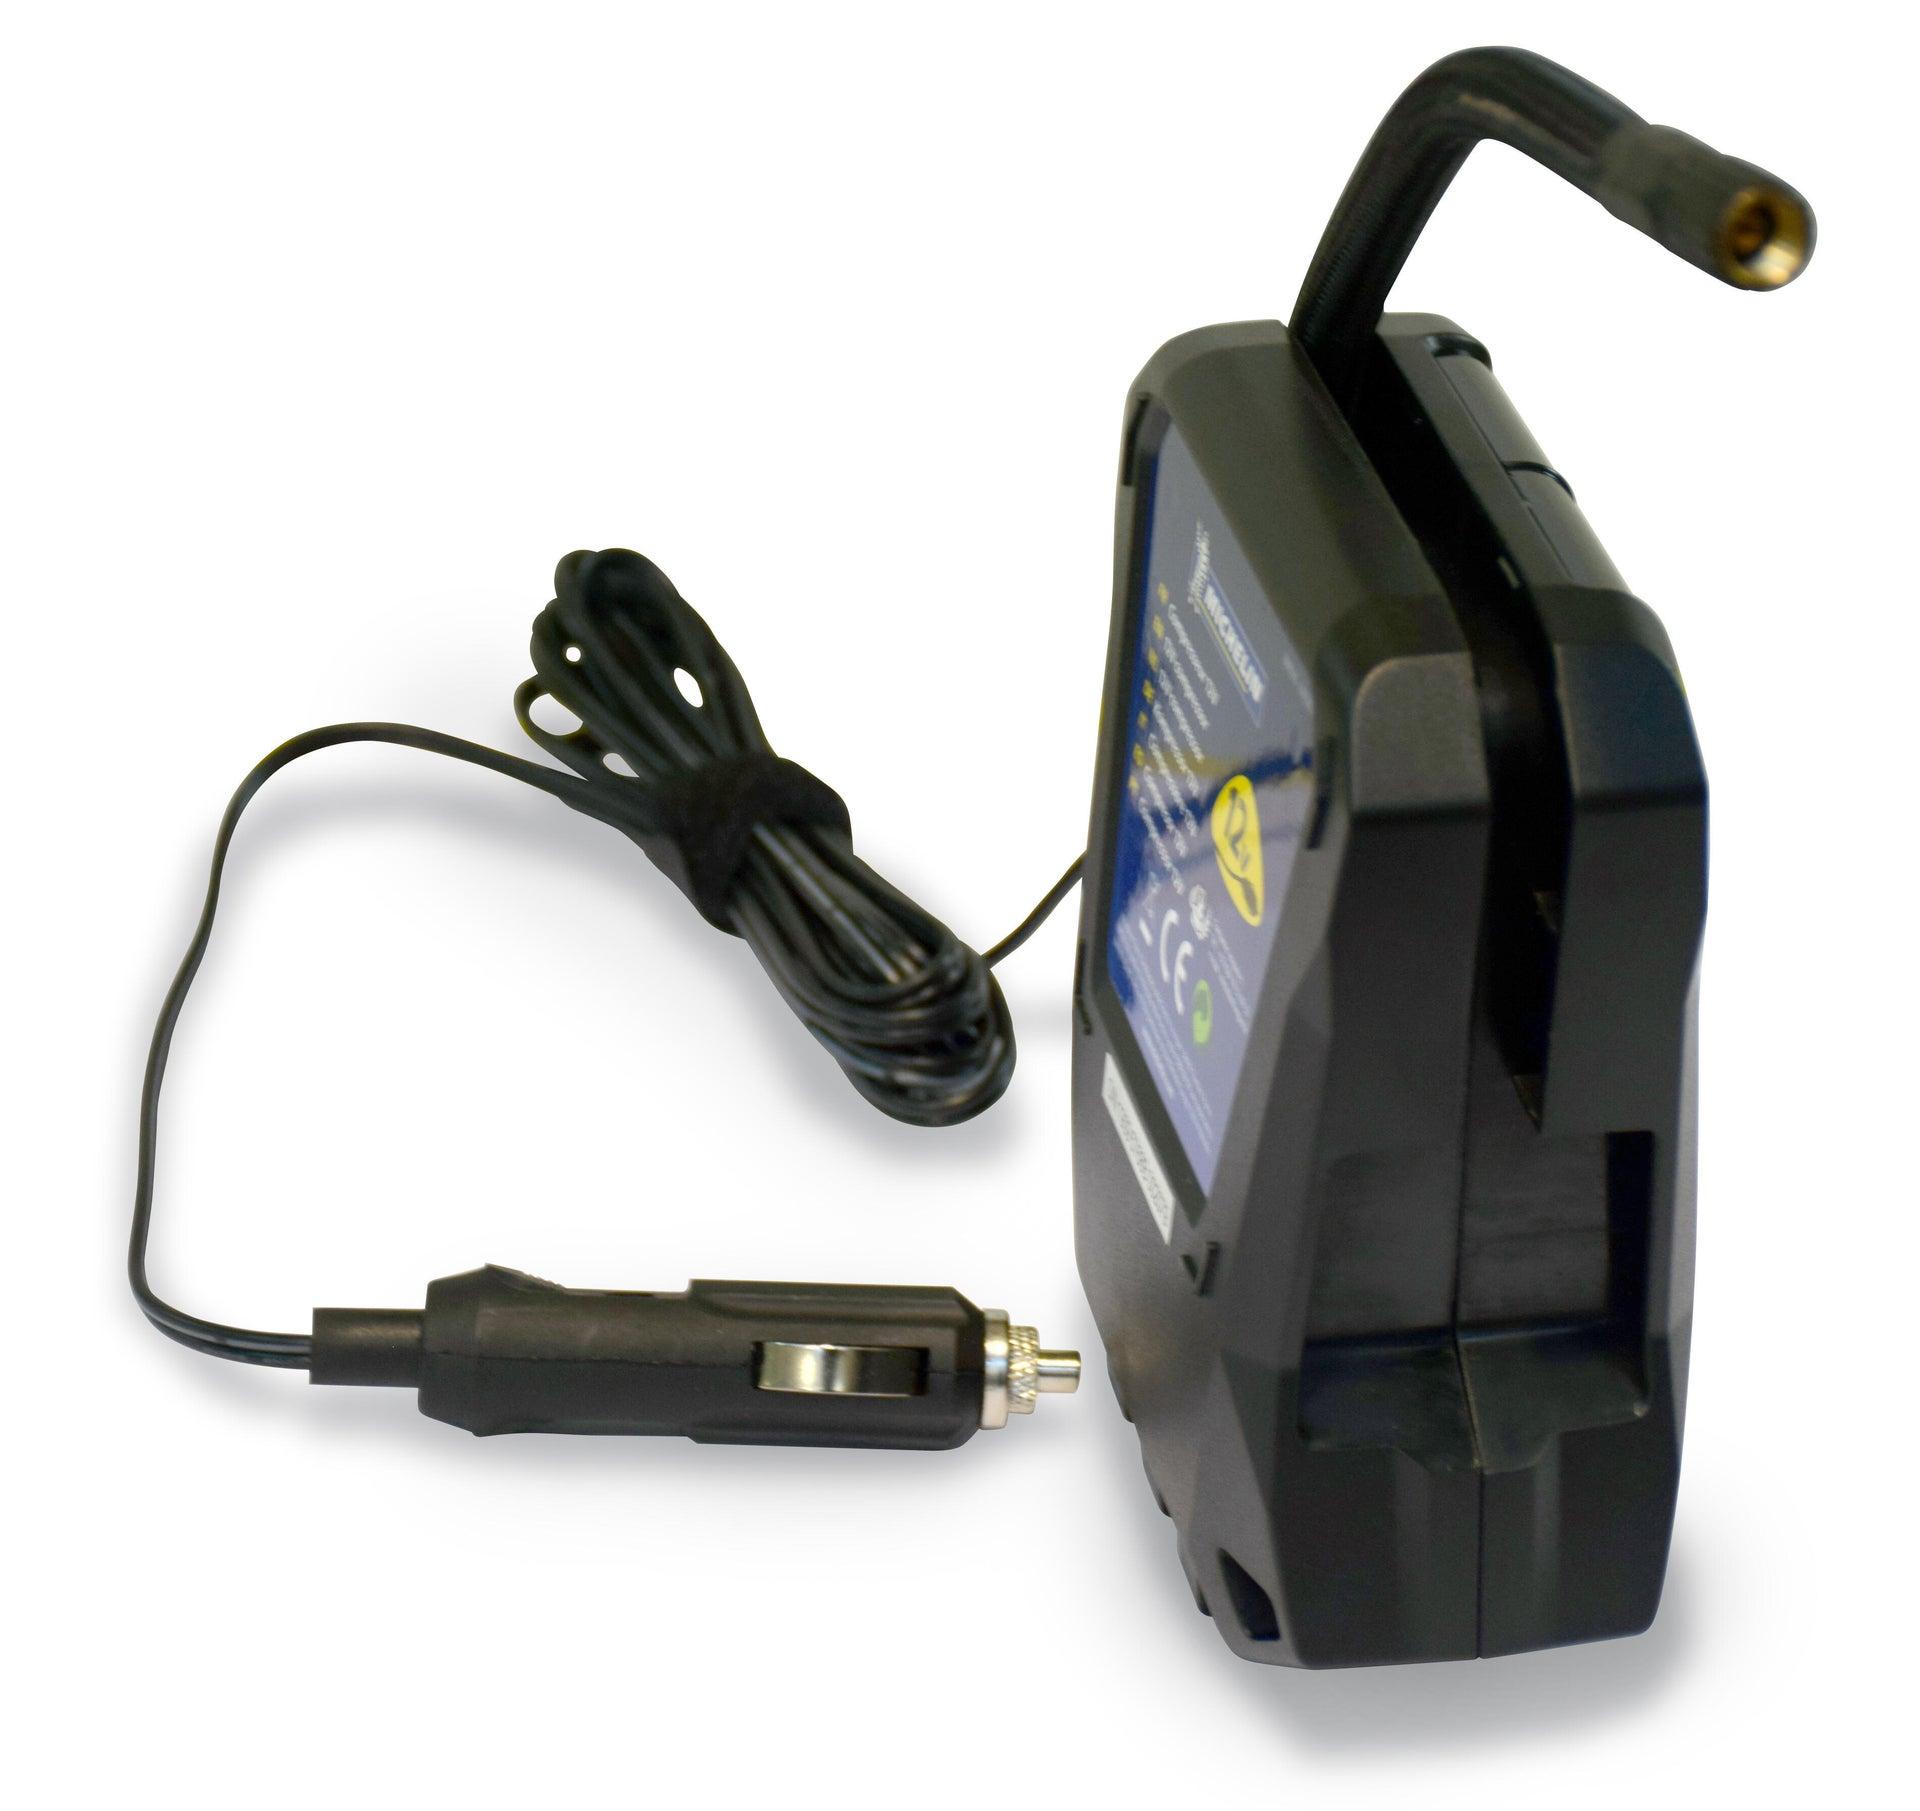 Compressore MICHELIN per auto 9518, 0.06 hp, 3.5 bar, 6 L - 2